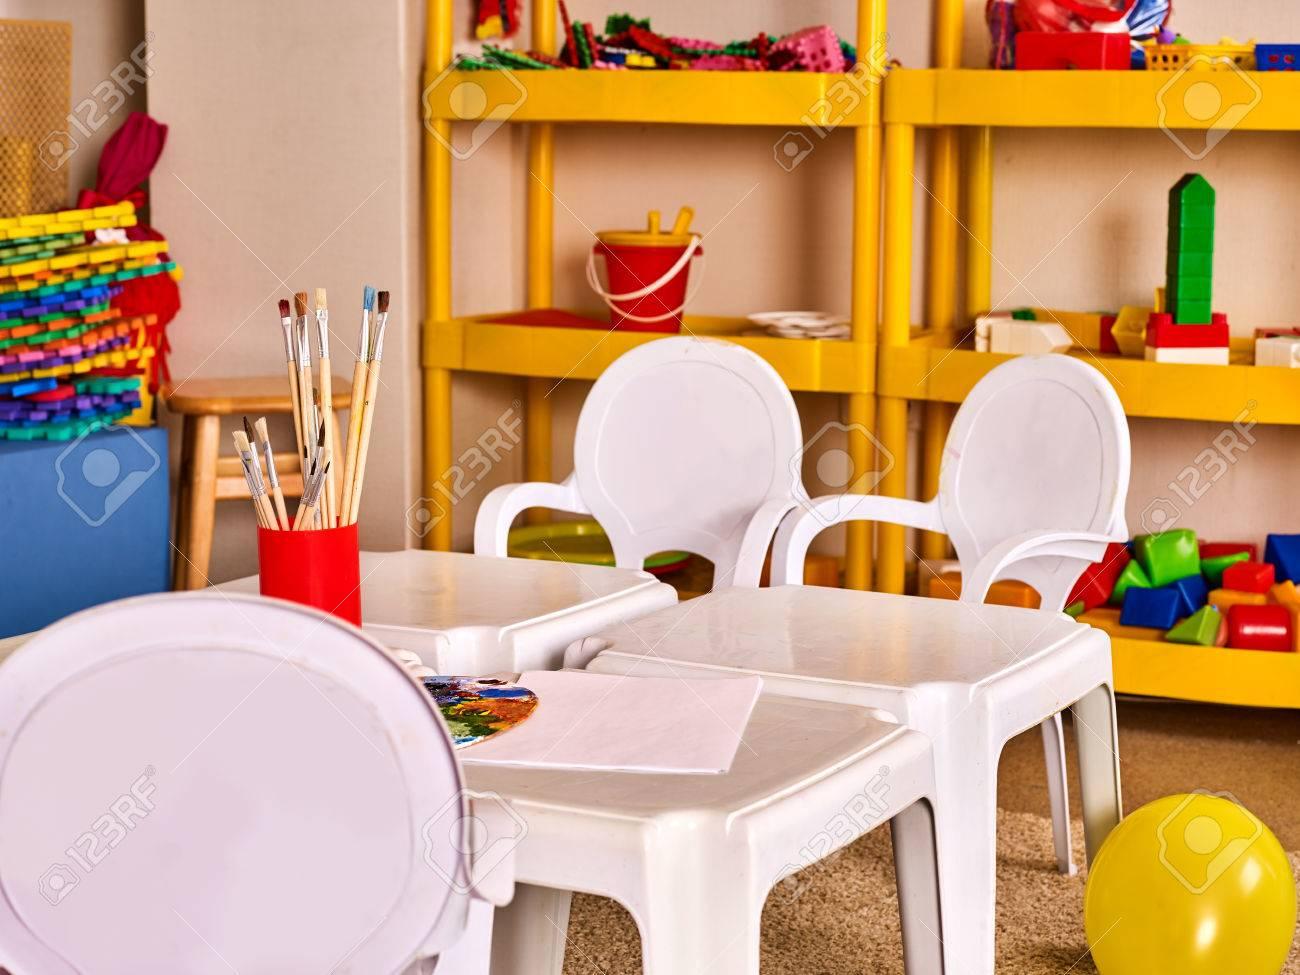 Tavoli da giardino e sedie in scaffali per arredamento per